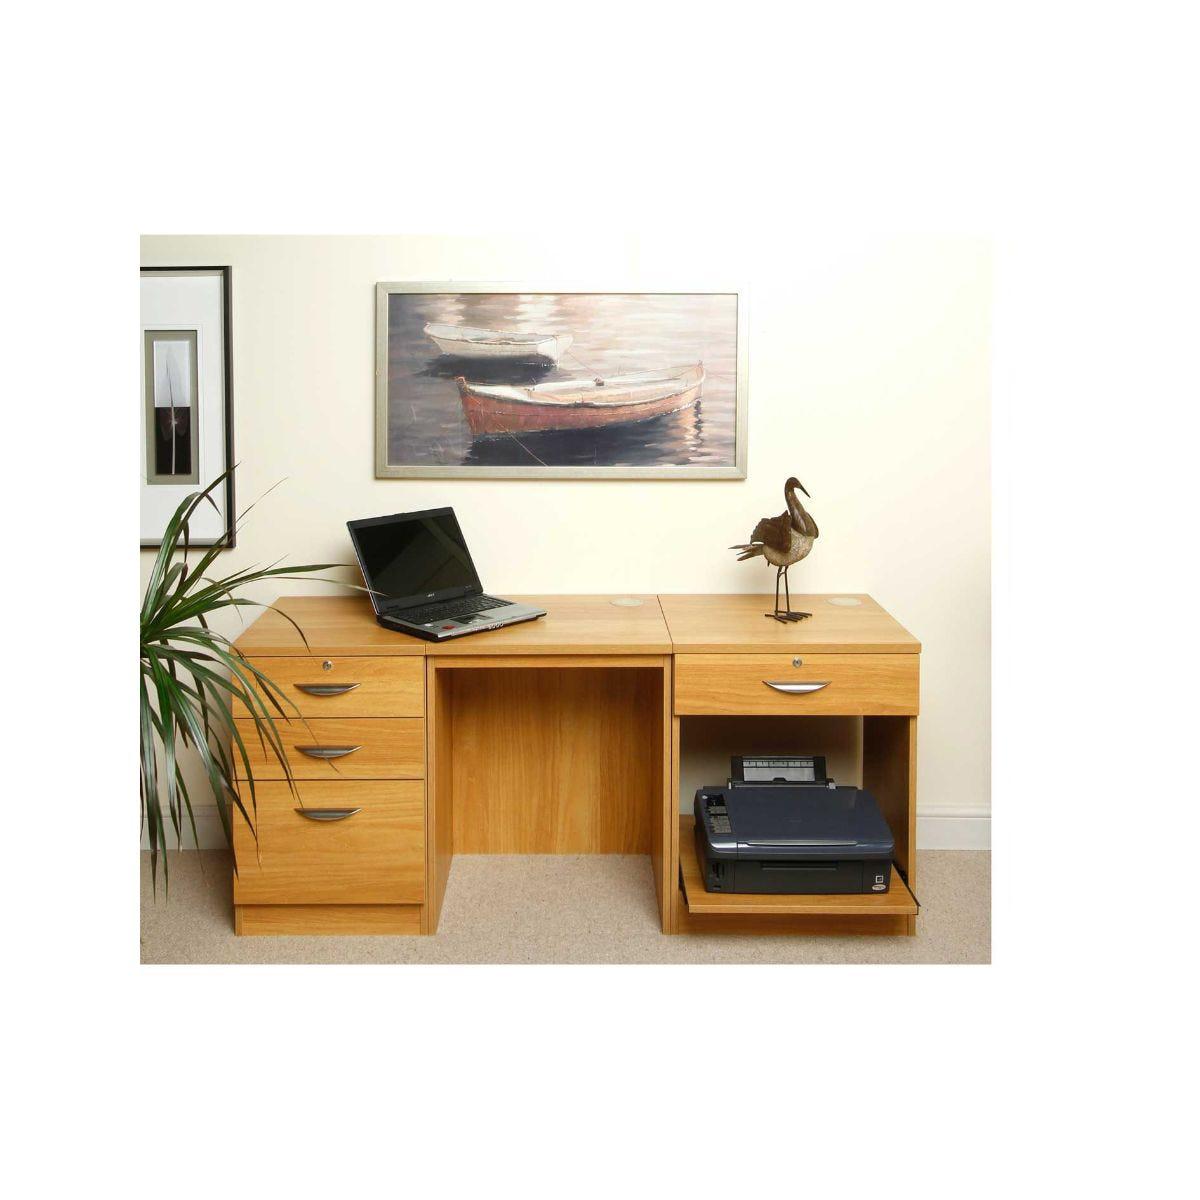 R White Hepworth Desk Workstation, Teak